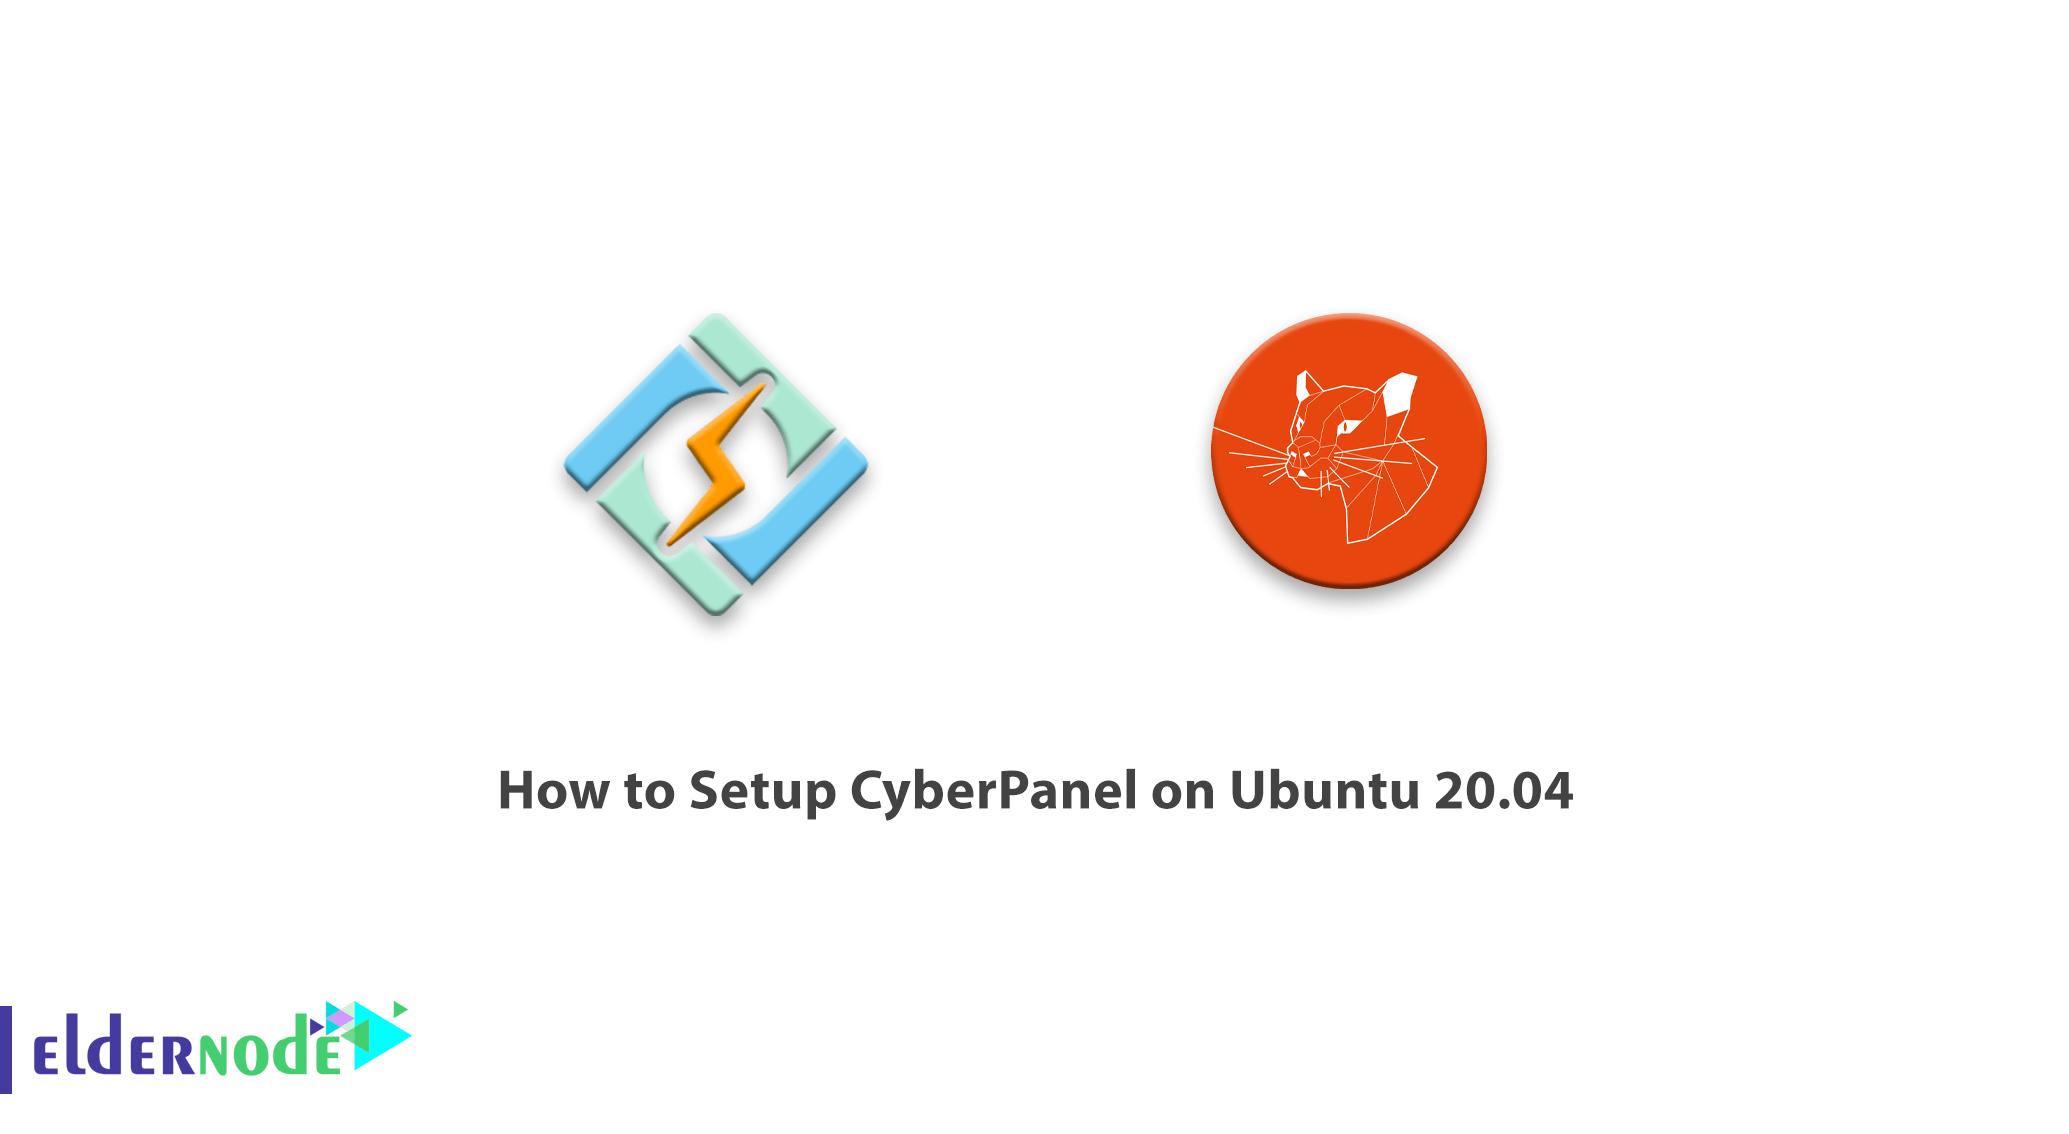 How to Setup CyberPanel on Ubuntu 20.04